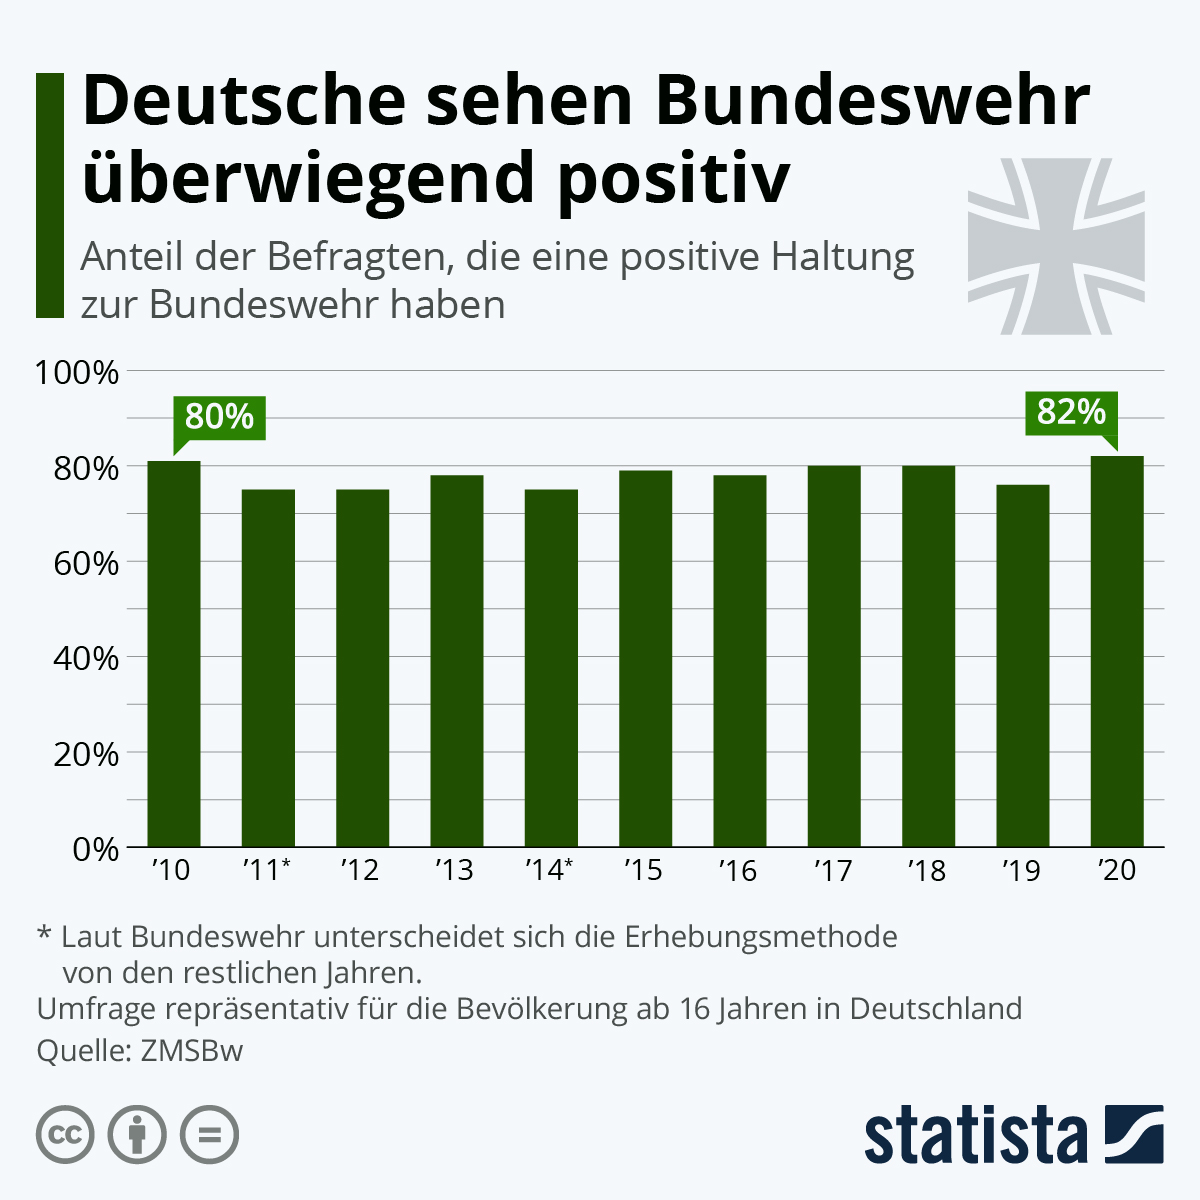 Infografik: Deutsche sehen Bundeswehr überwiegend positiv | Statista